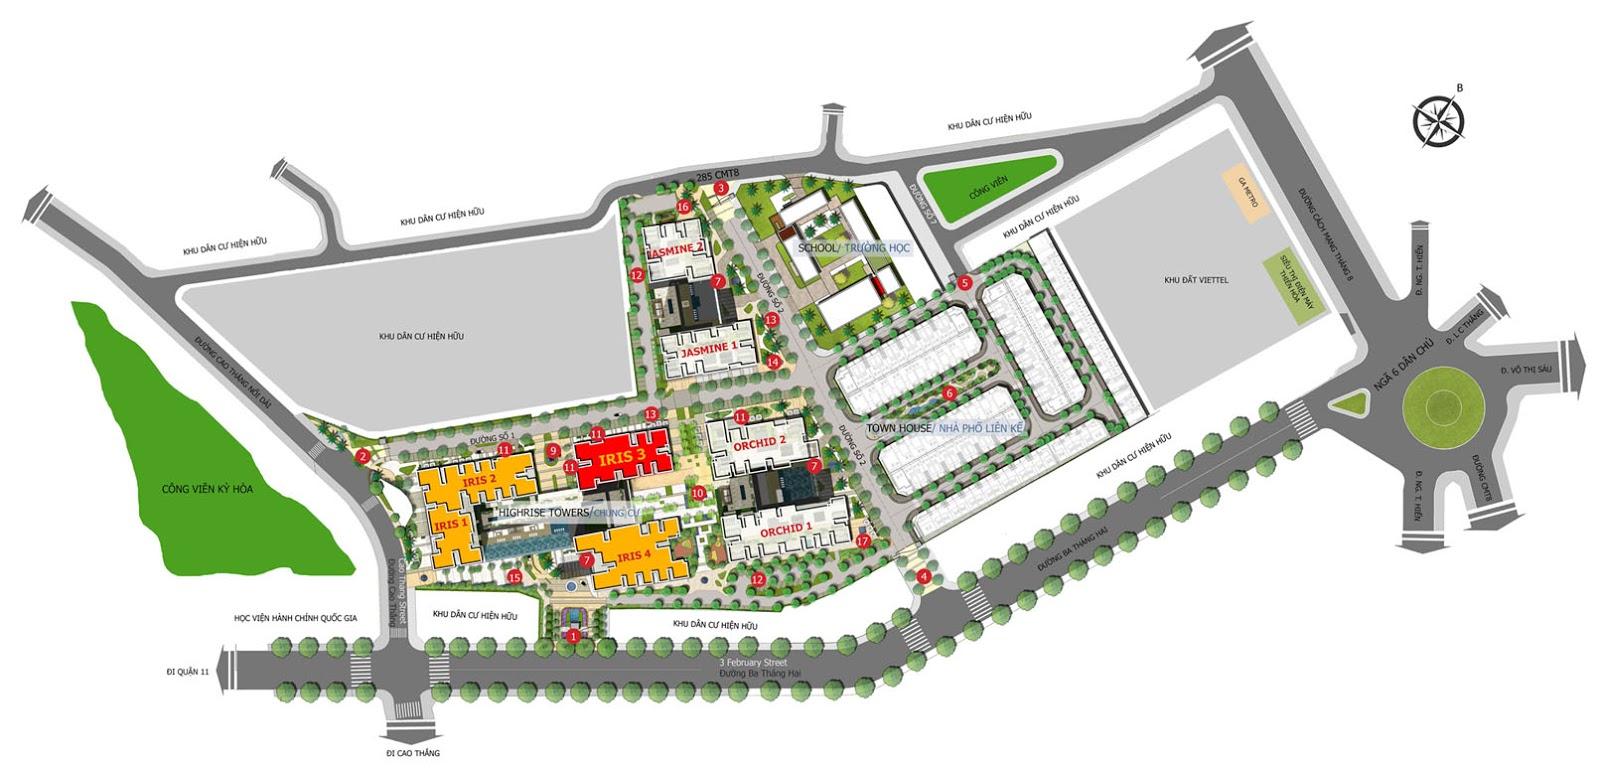 Vị trí tòa nhà Iris 3 - Hado Centrosa Garden